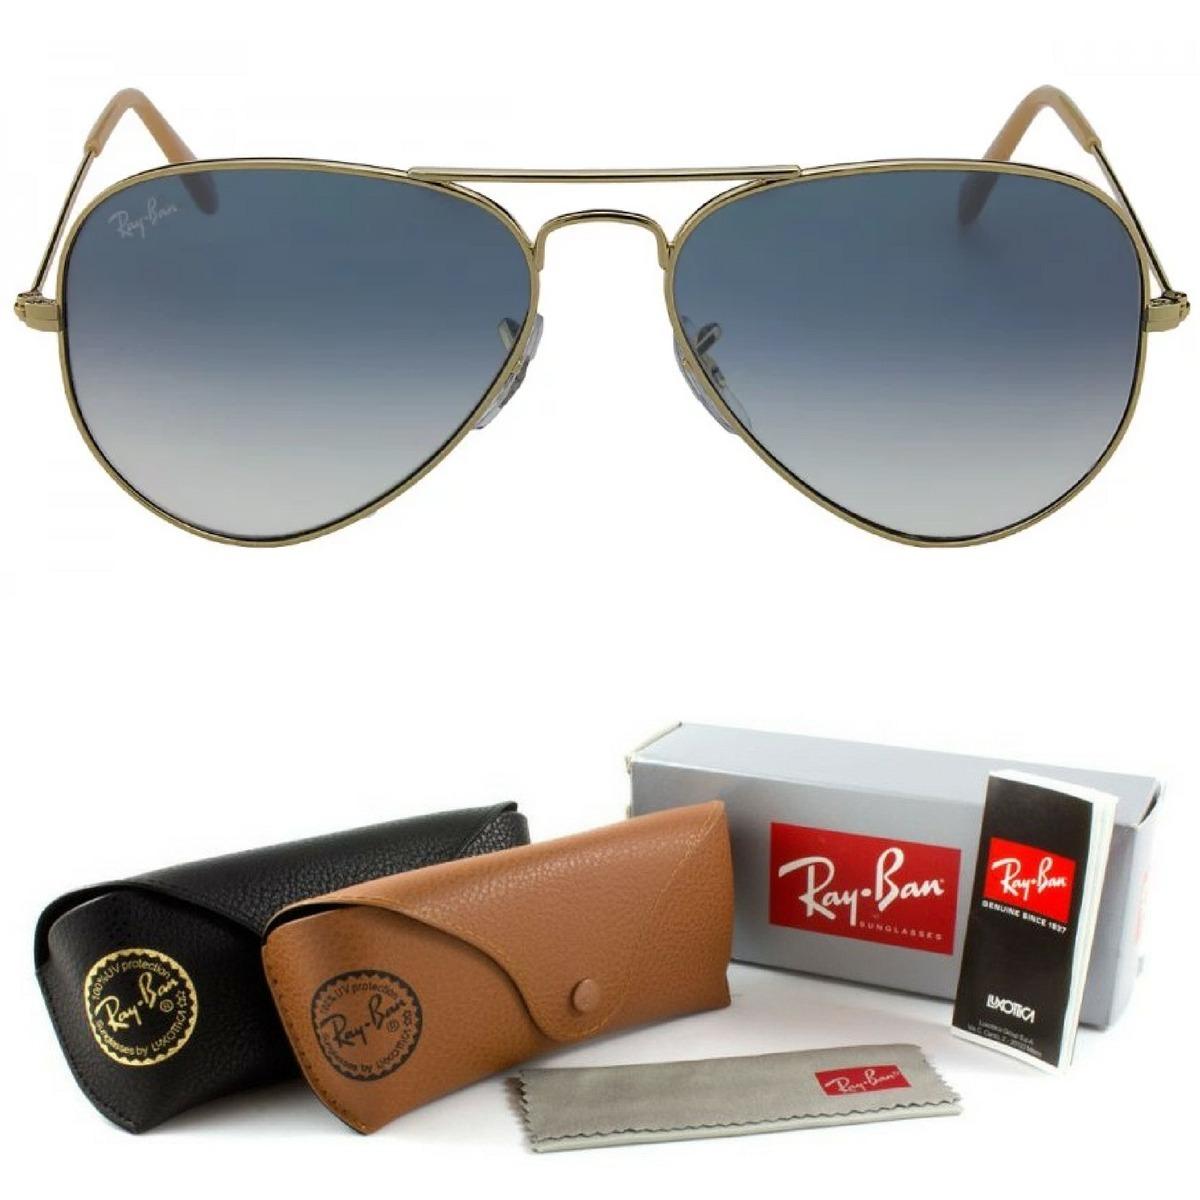 5976b3c722506 oculos aviador rb marrom azul degrade espelhado p m g. Carregando zoom.